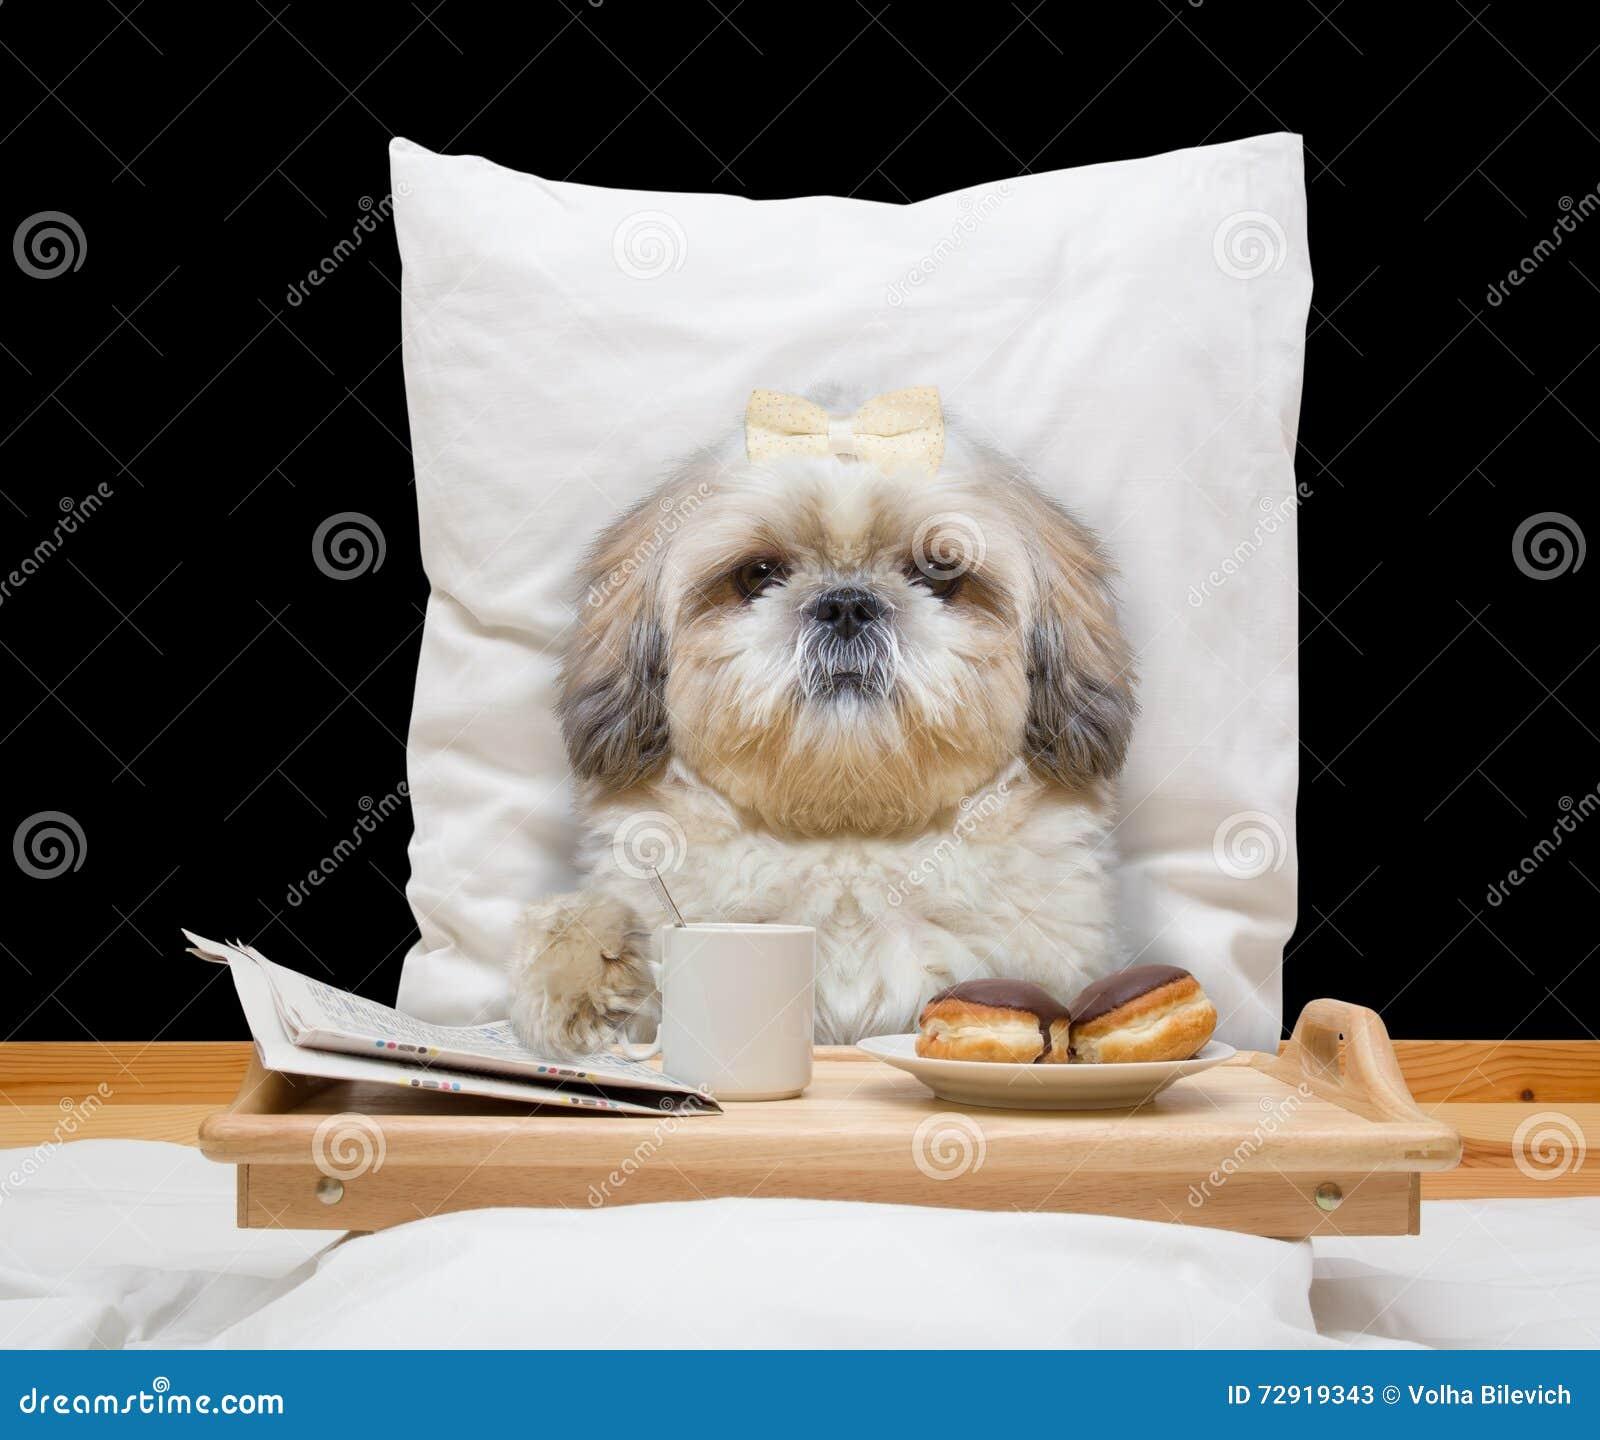 Dog Eats Bread Tie